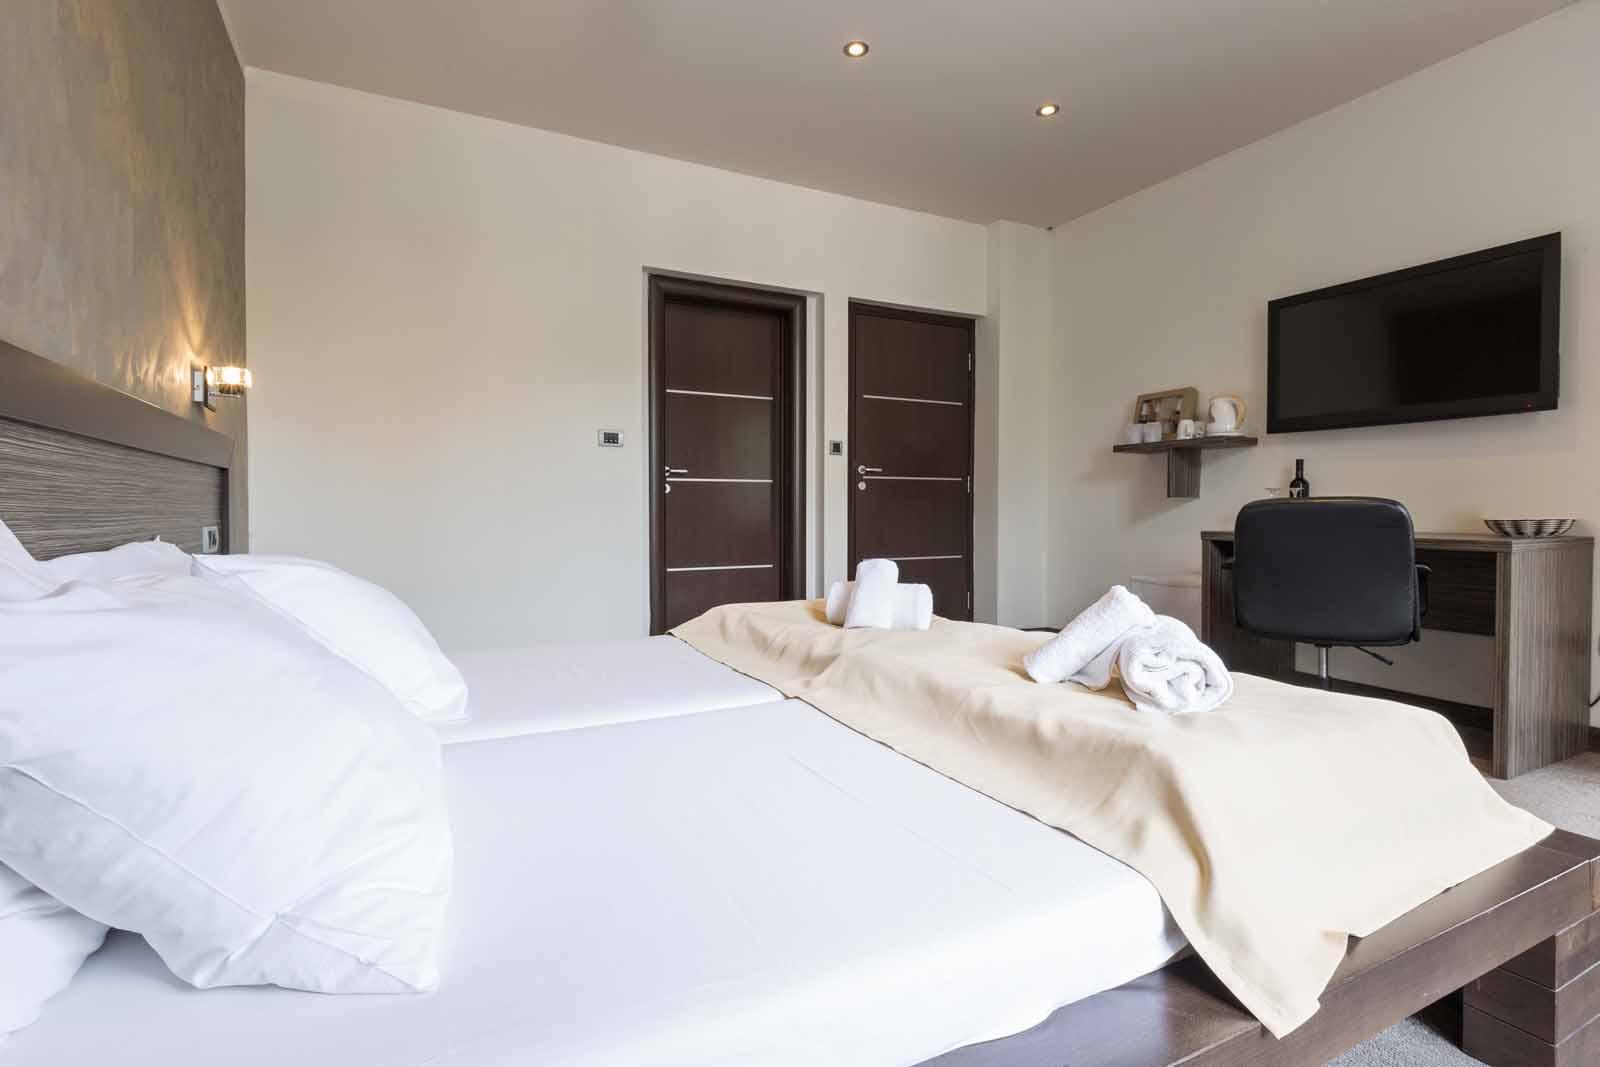 hotel bed setup